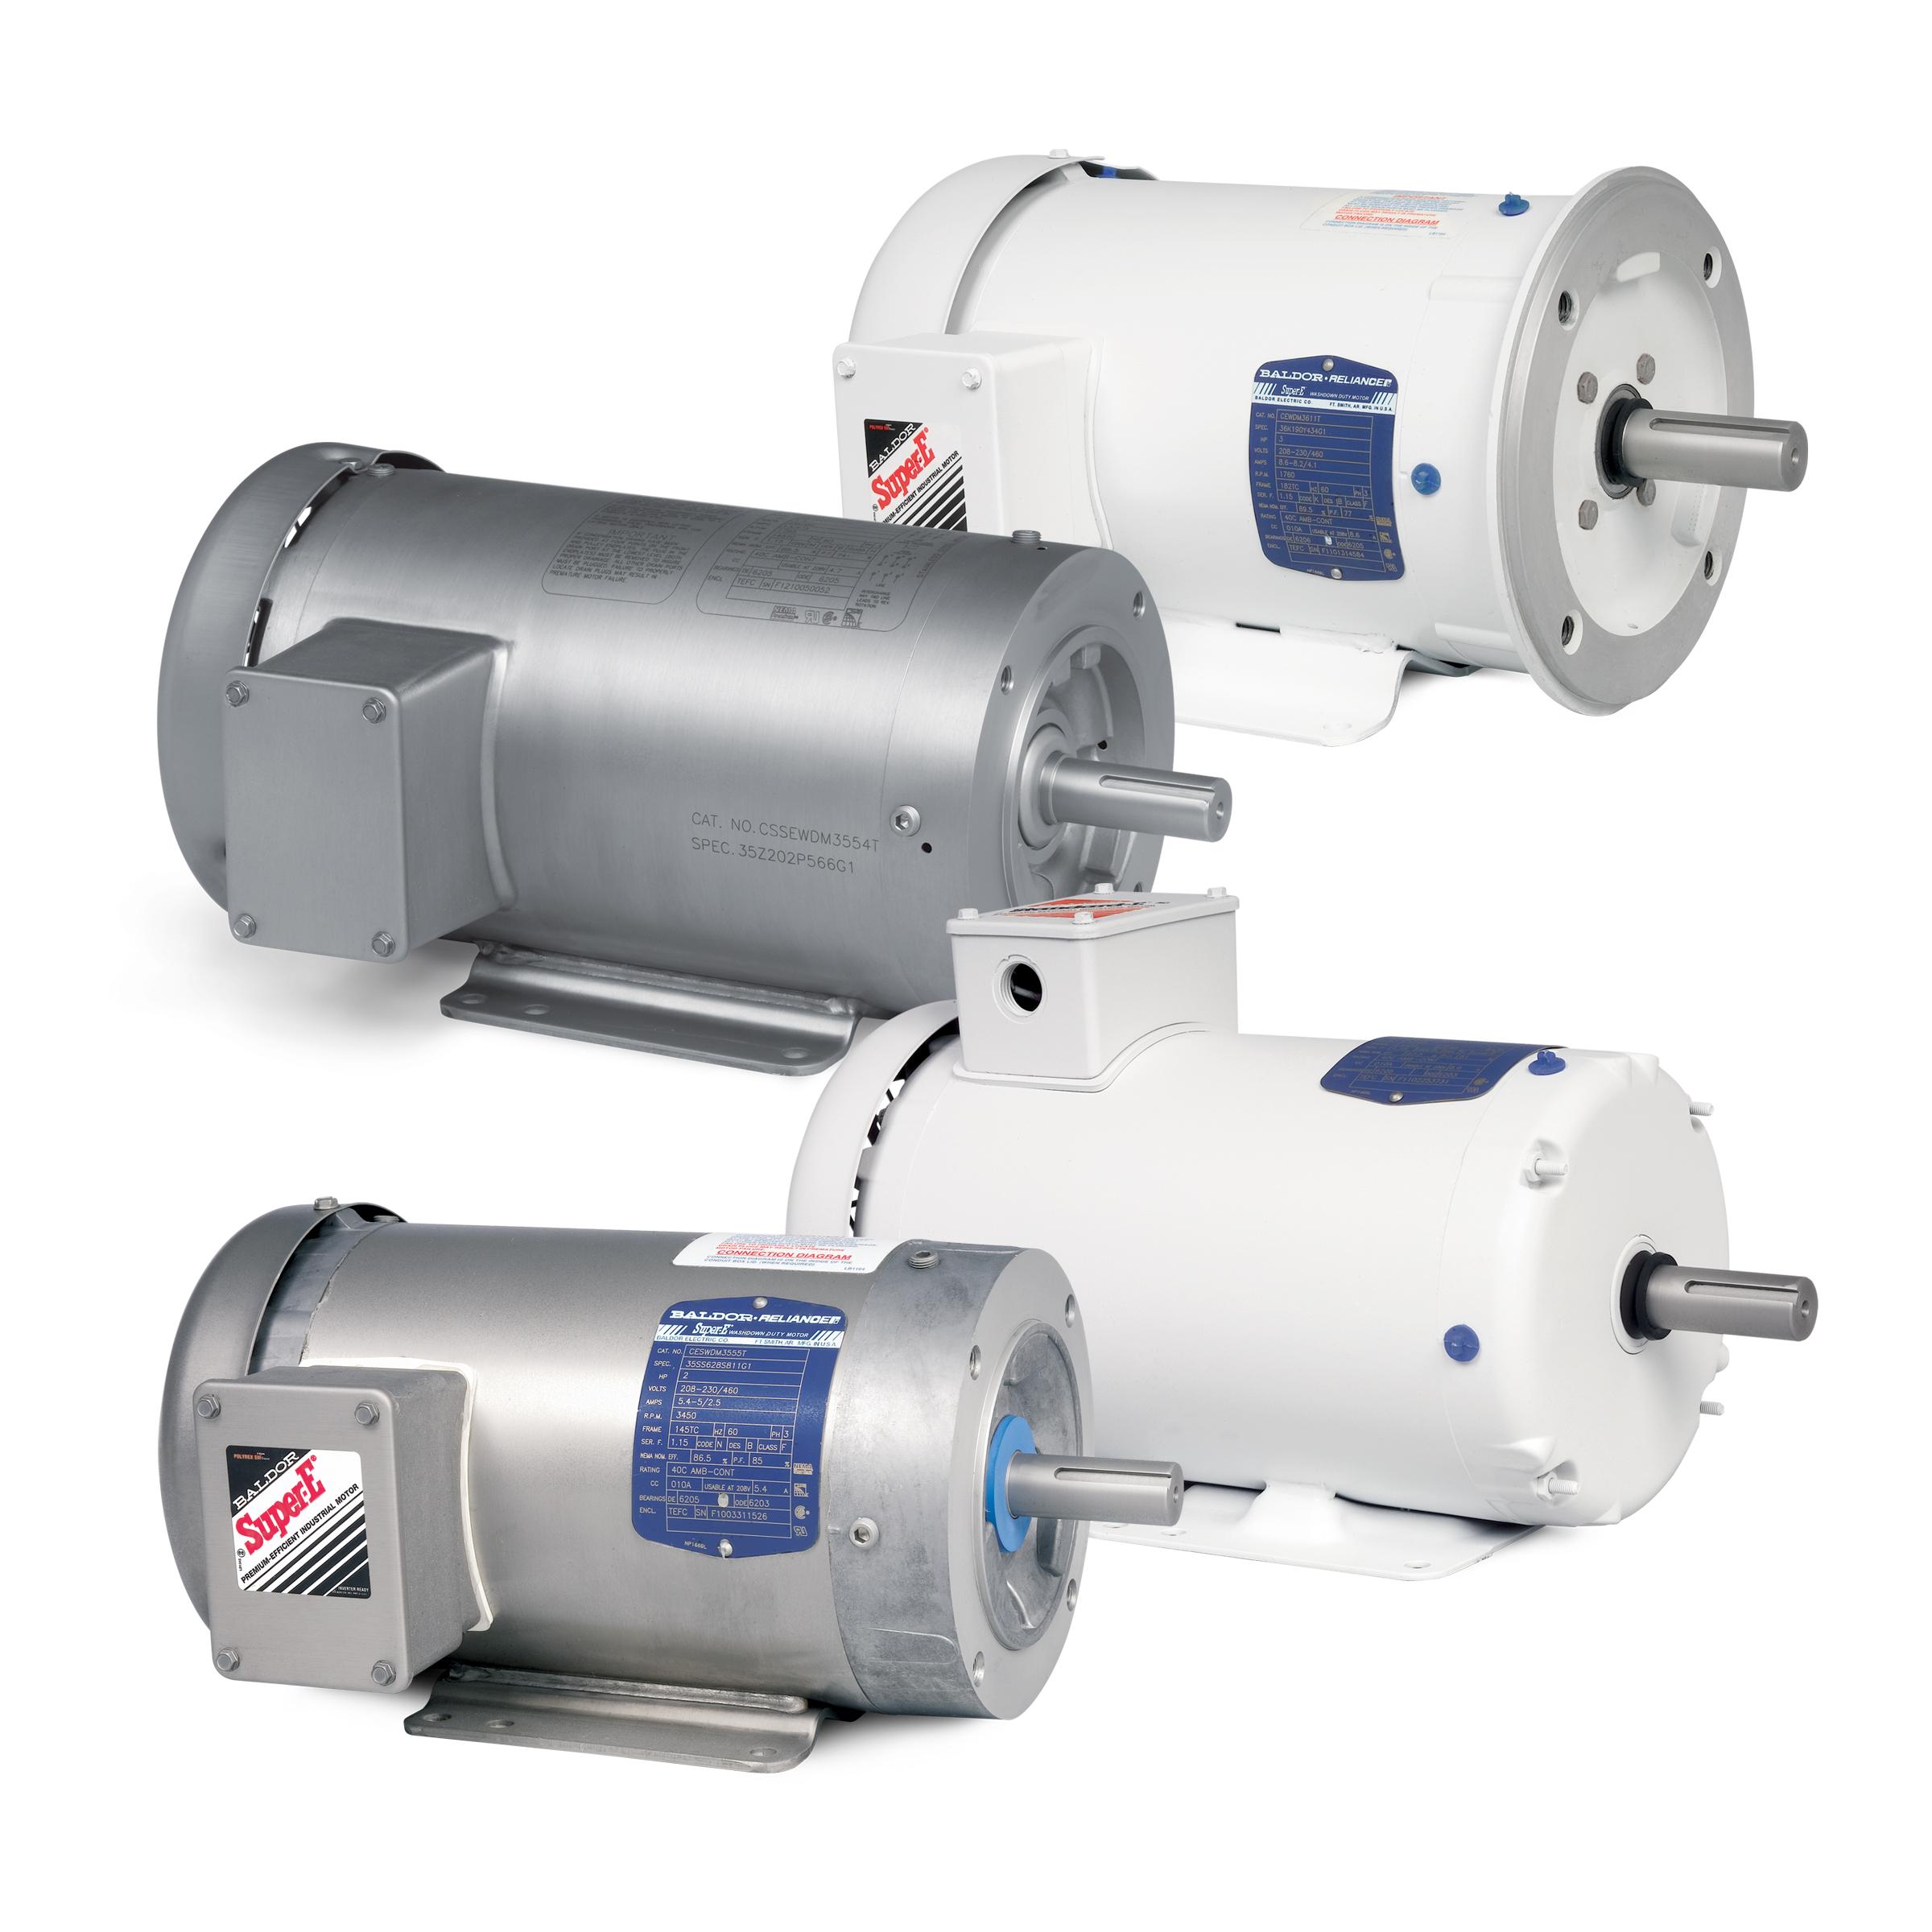 baldor reliance ac washdown motor family.ashx?bc=white&as=1&w=1024 washdown duty baldor com,Reliance Ac Motor Wiring Diagram